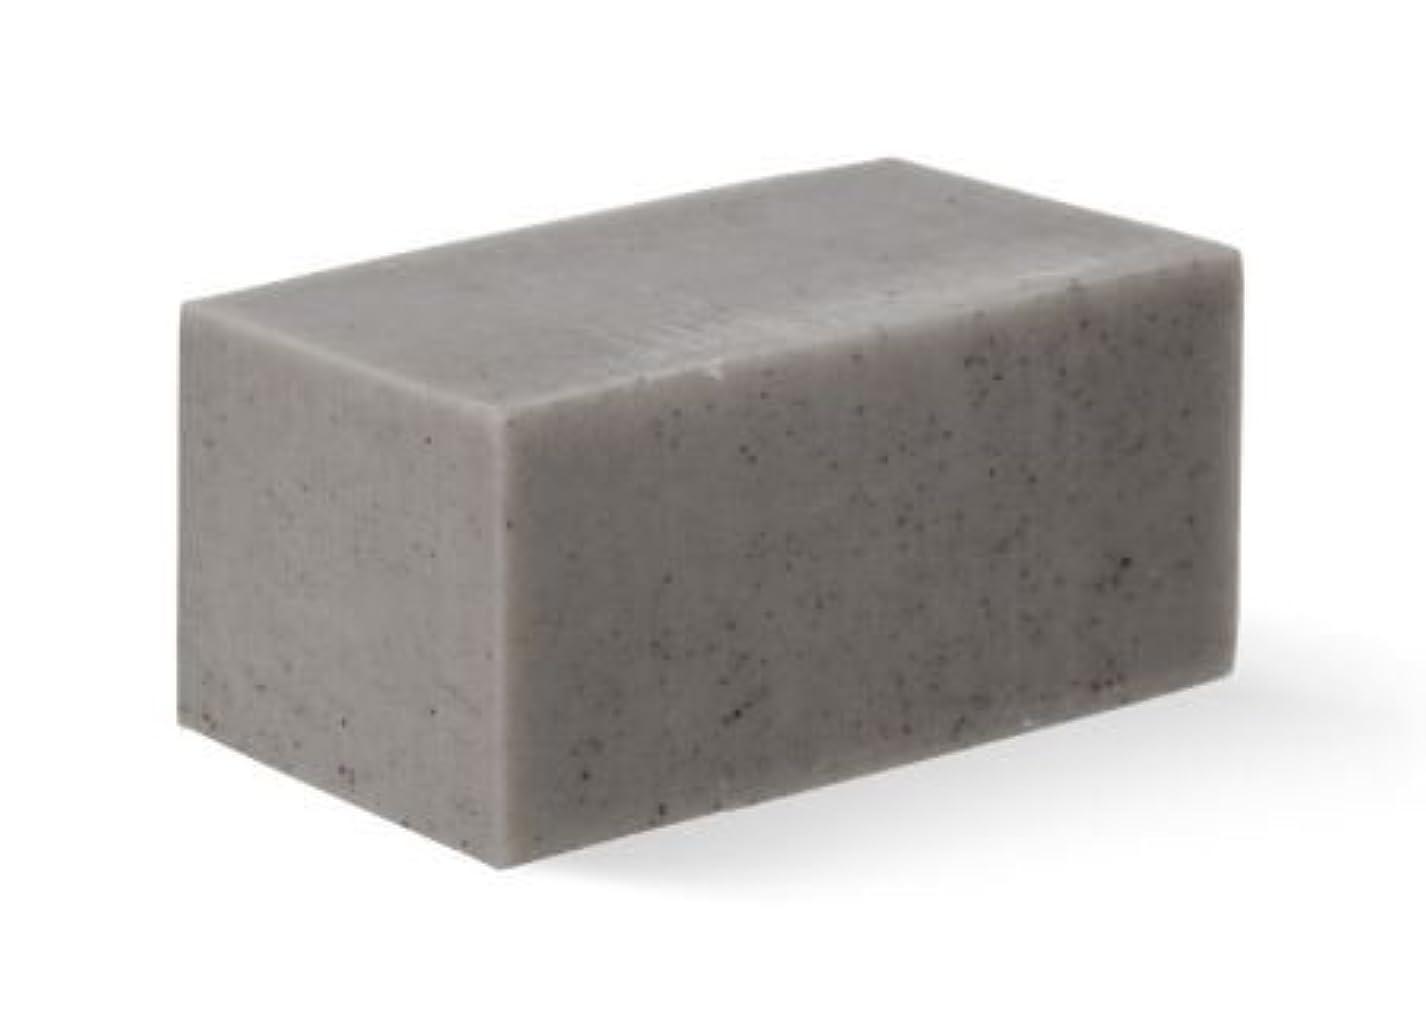 のみ不規則性イーウェル[Abib] Facial Soap grey Brick 100g/[アビブ]フェイシャルソープグレー ブリック100g [並行輸入品]